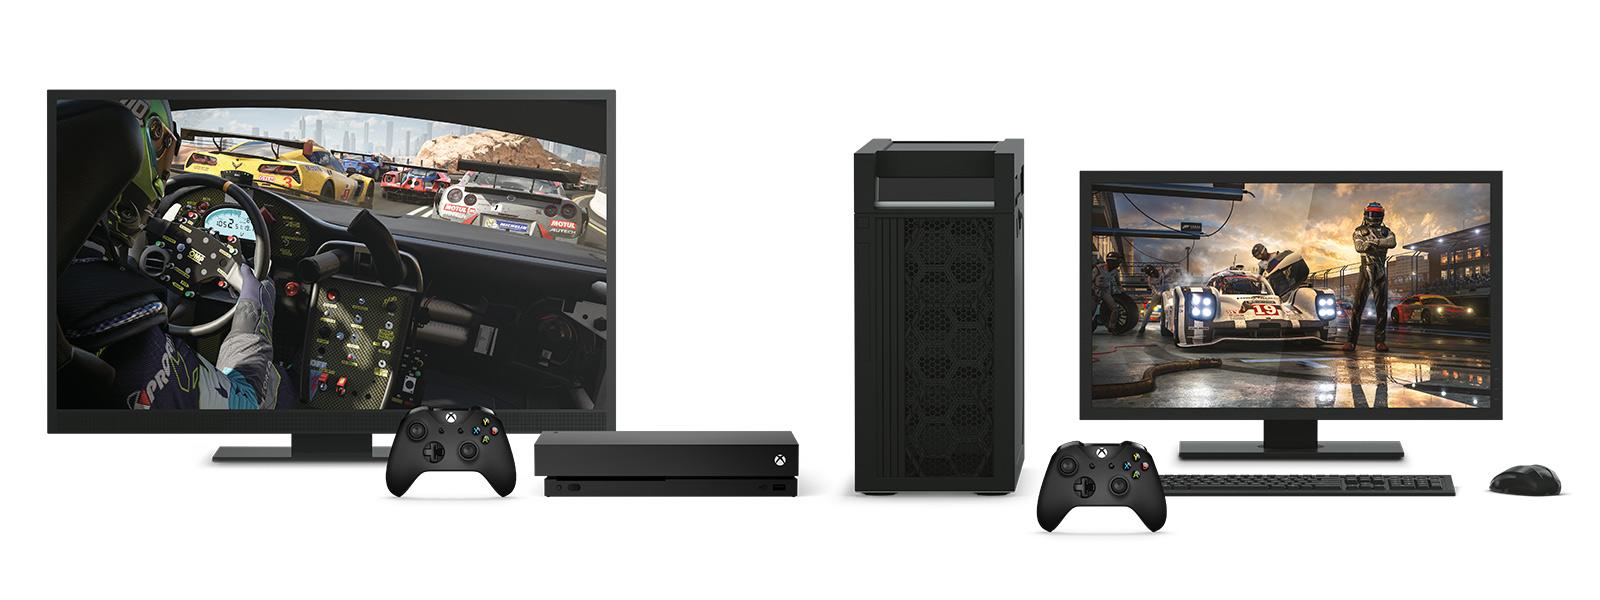 Egy Xbox One X konzol és egy 4K-s asztali gép a Forza Motorsport 7 képével egy tévén és egy számítógép képernyőjén